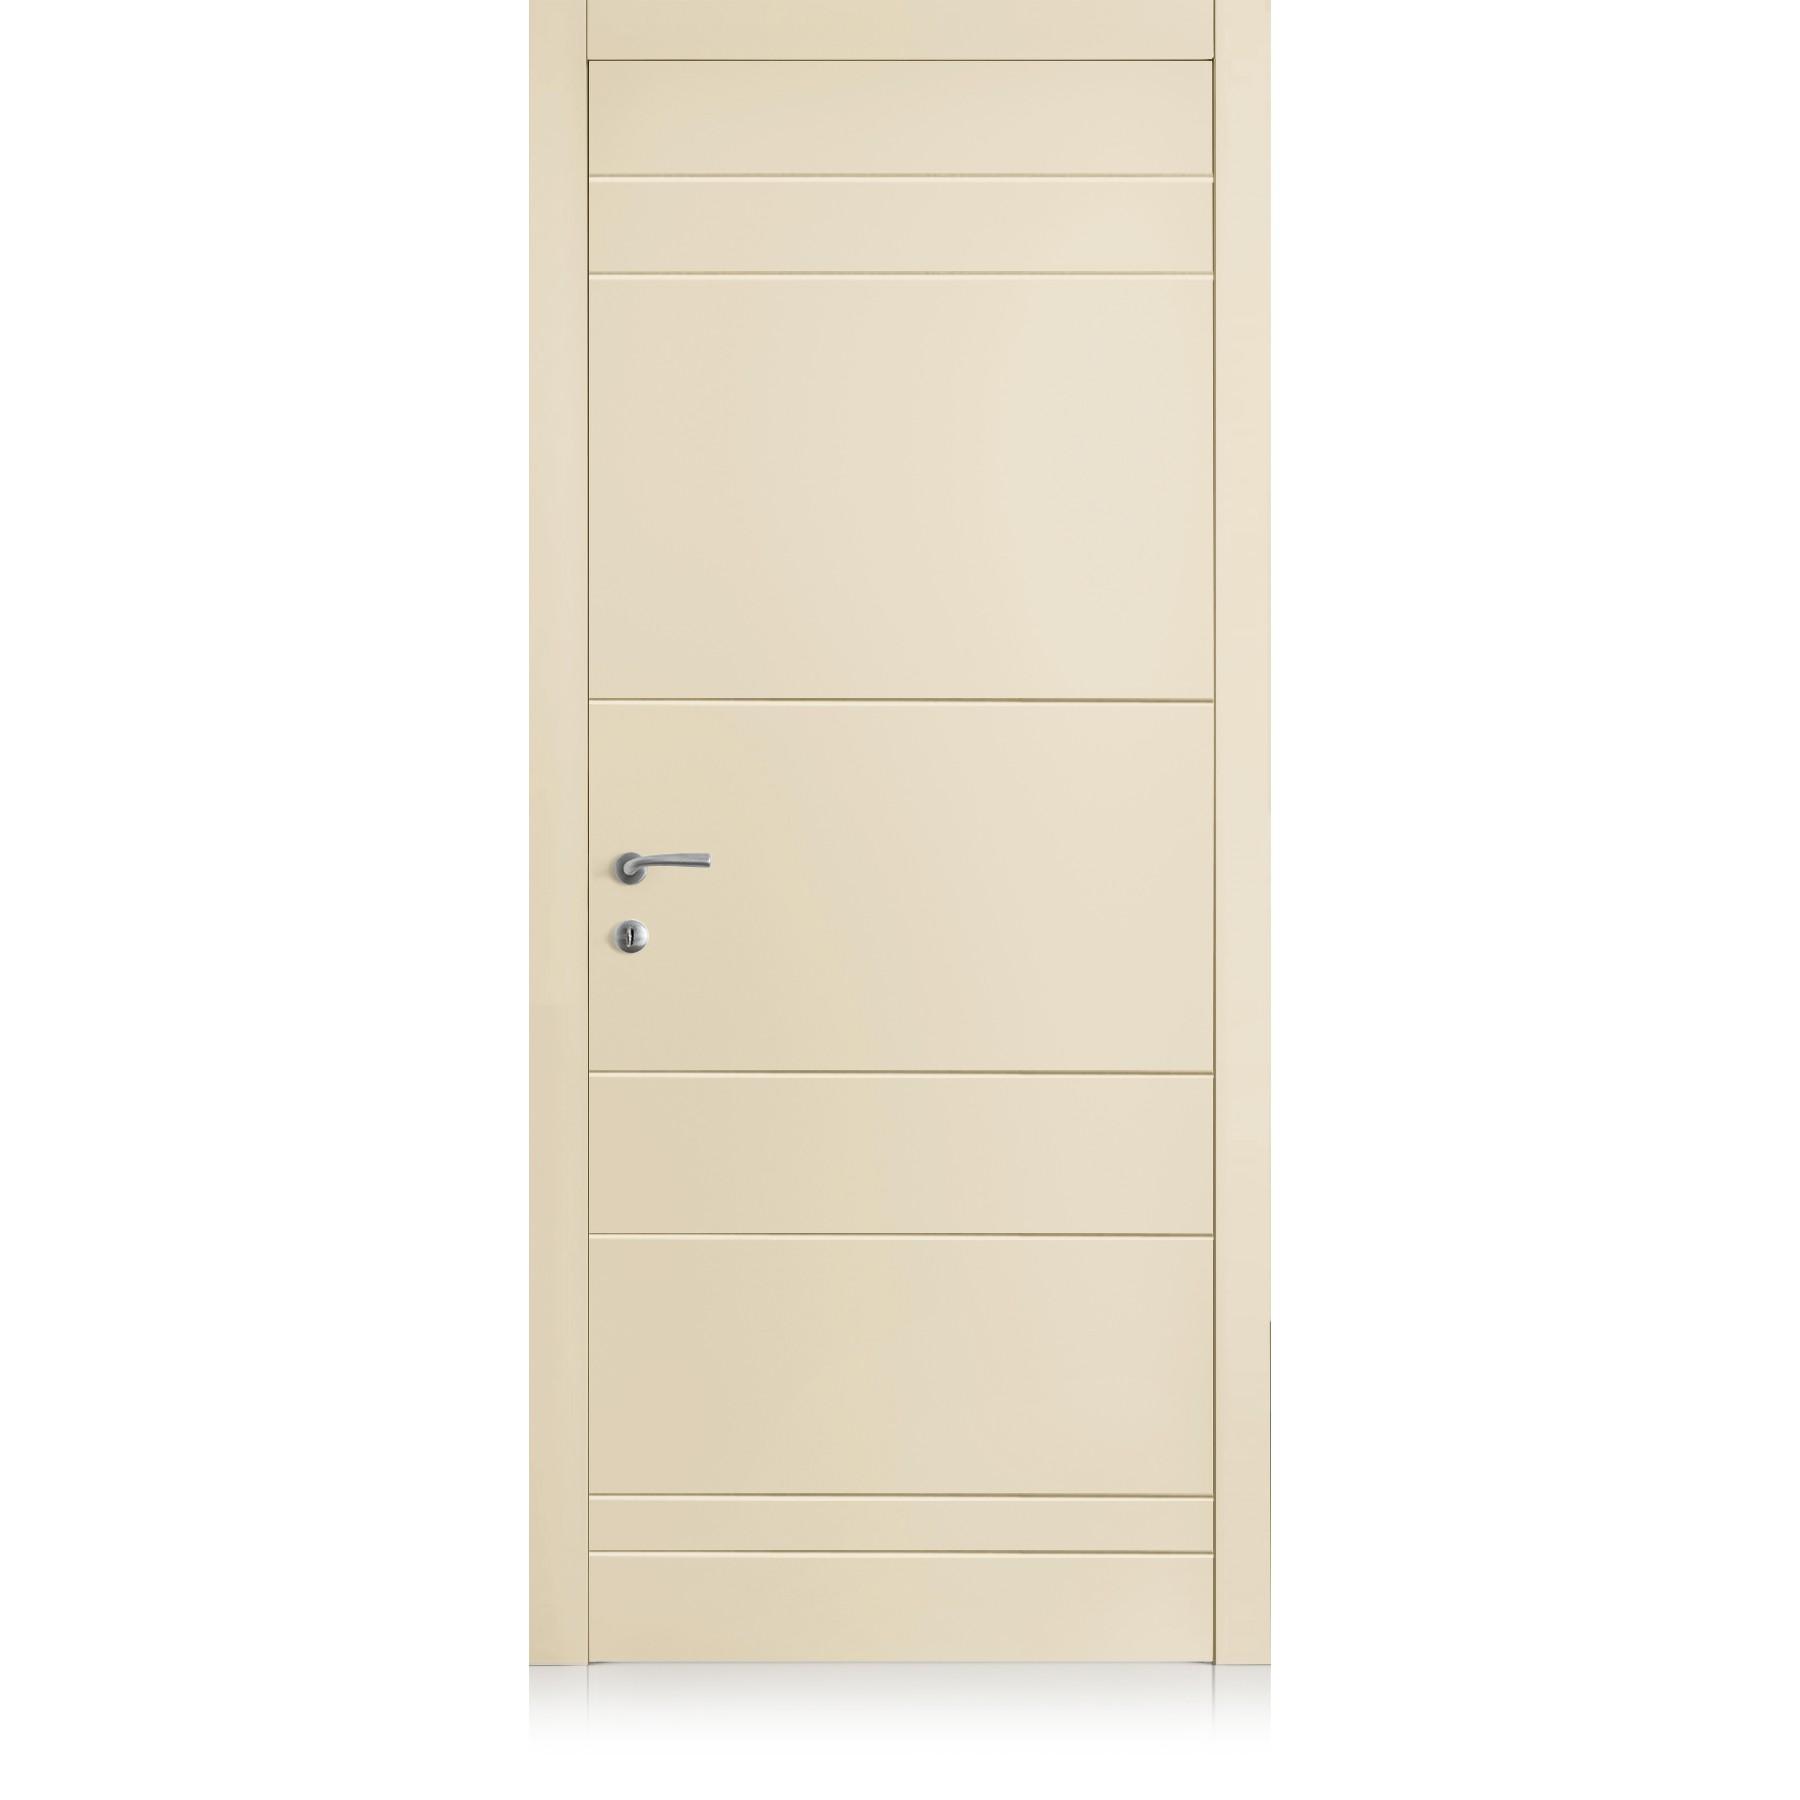 Yncisa Tratto cremy door